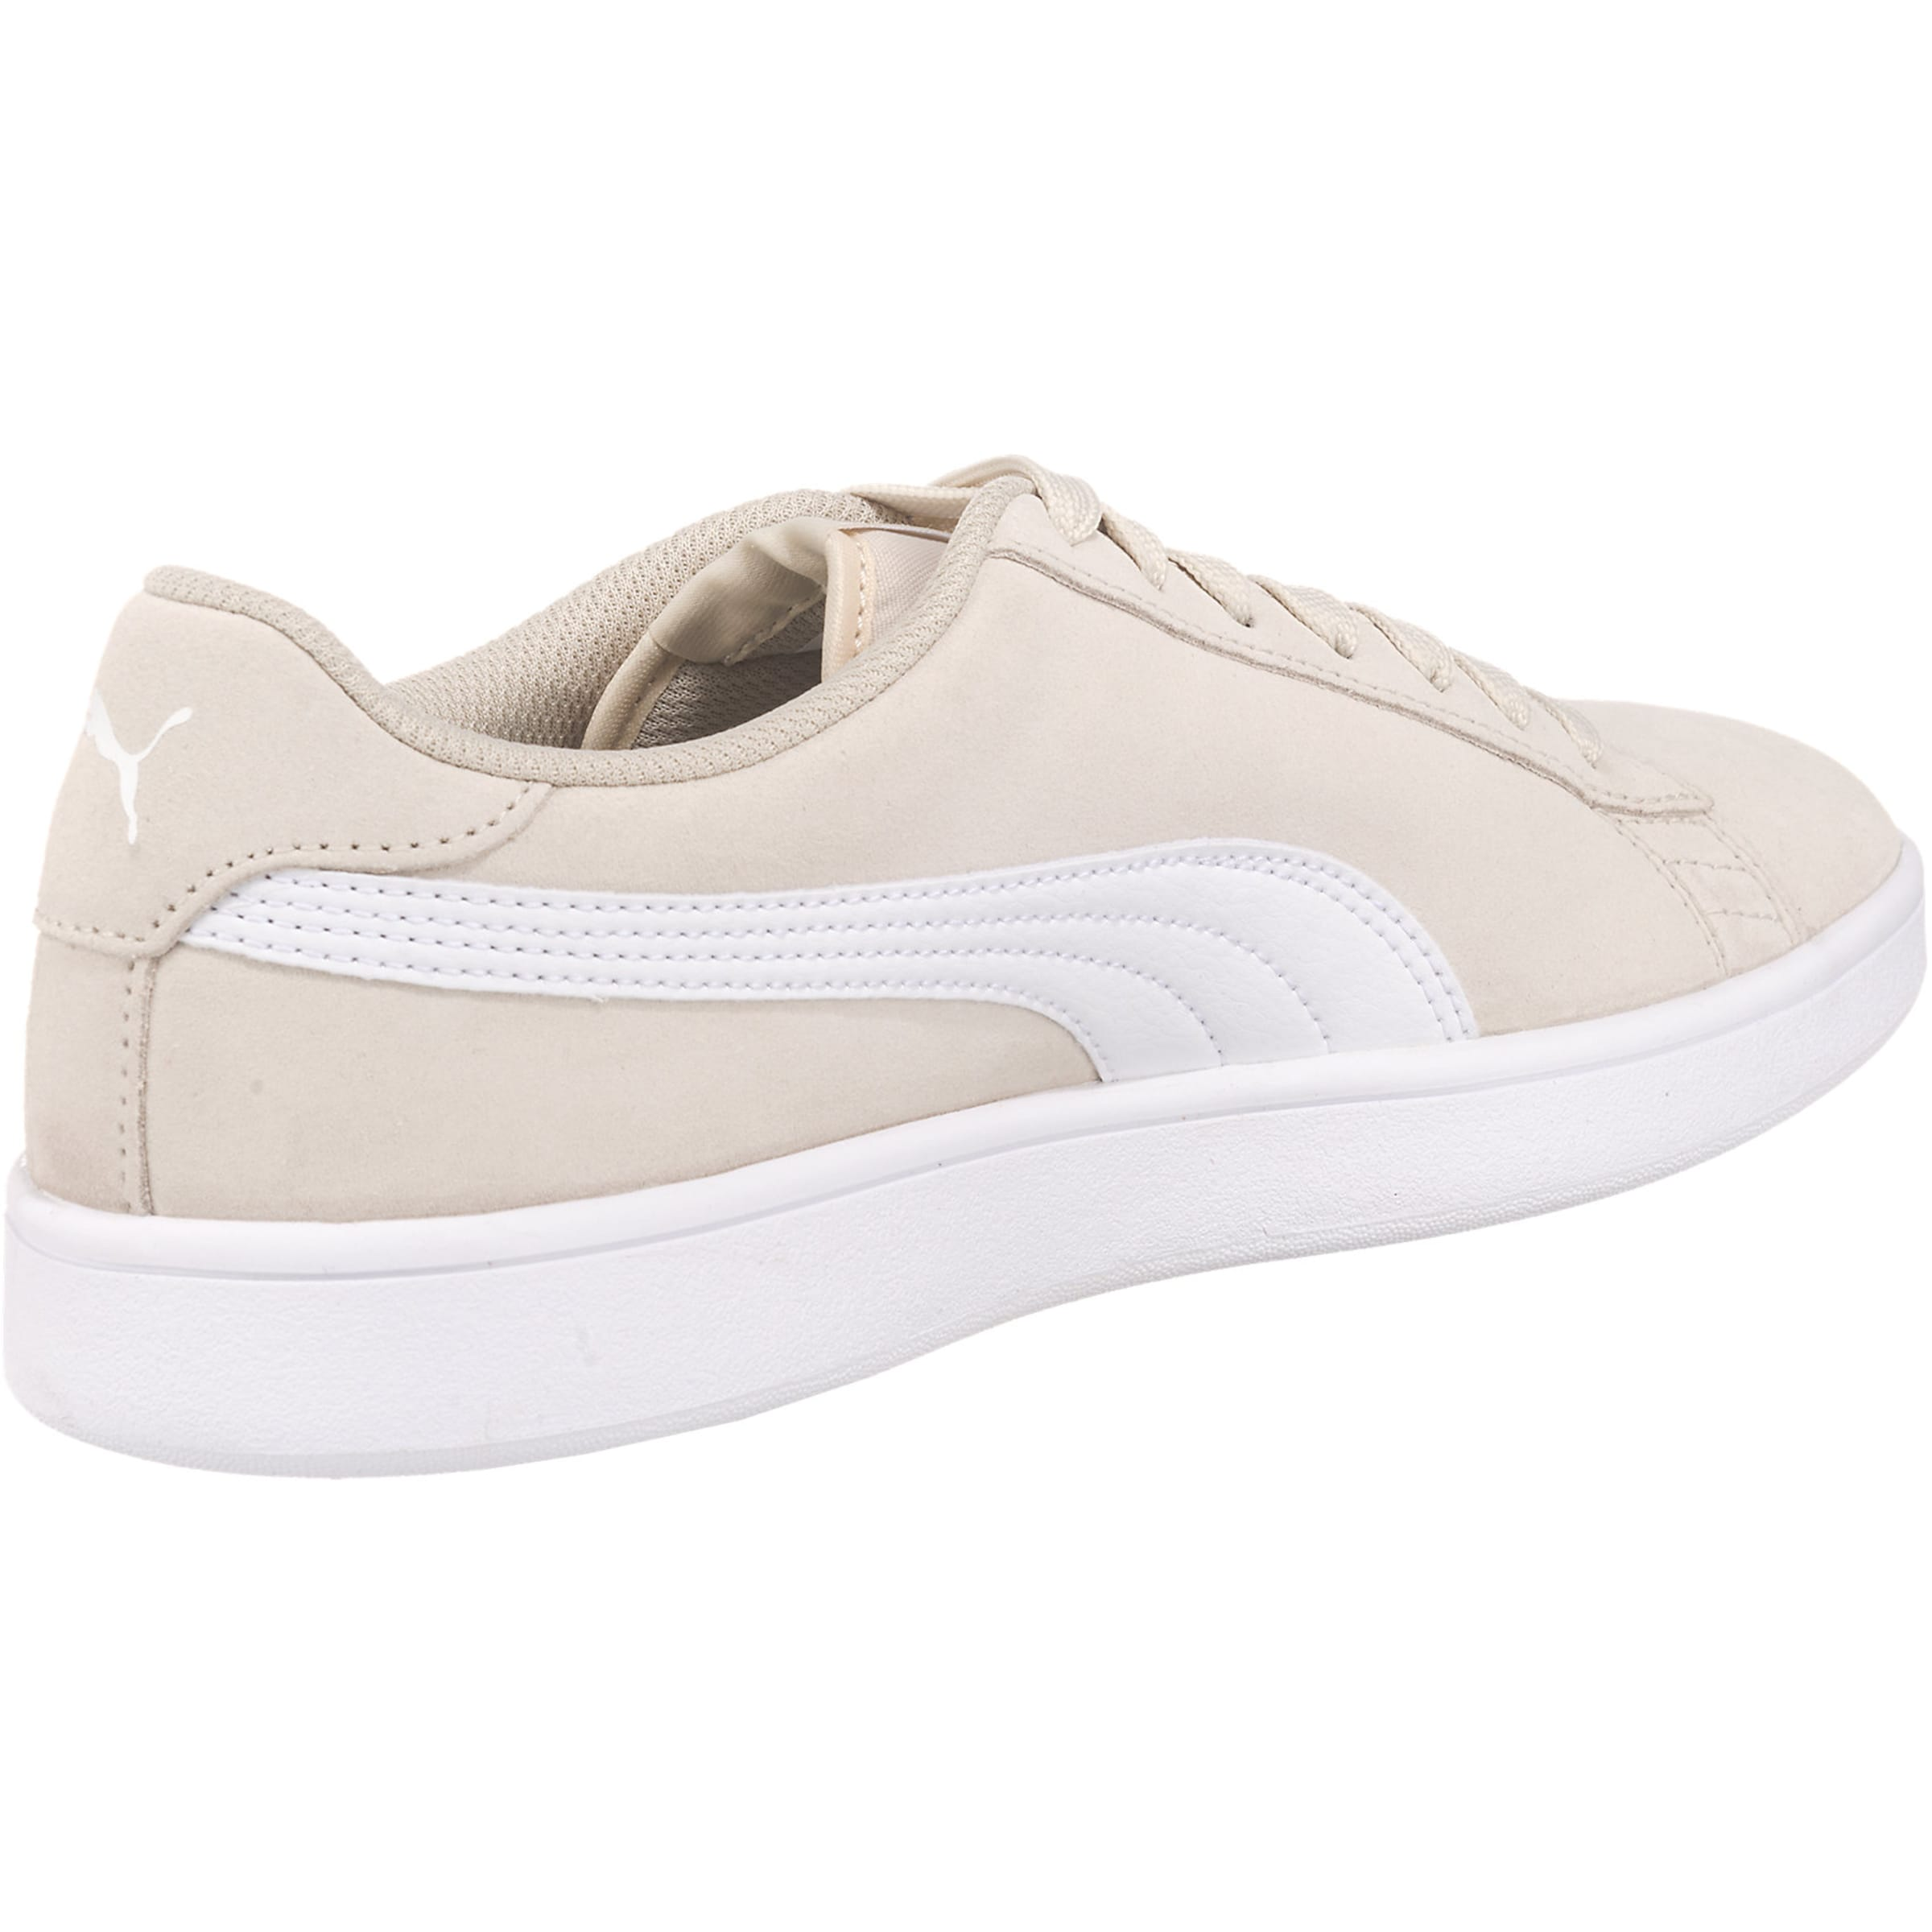 PUMA v2 PUMA v2 Sneakers Smash Low Sneakers v2 Low PUMA Smash Smash Low PUMA Sneakers v8Cx7wnwT